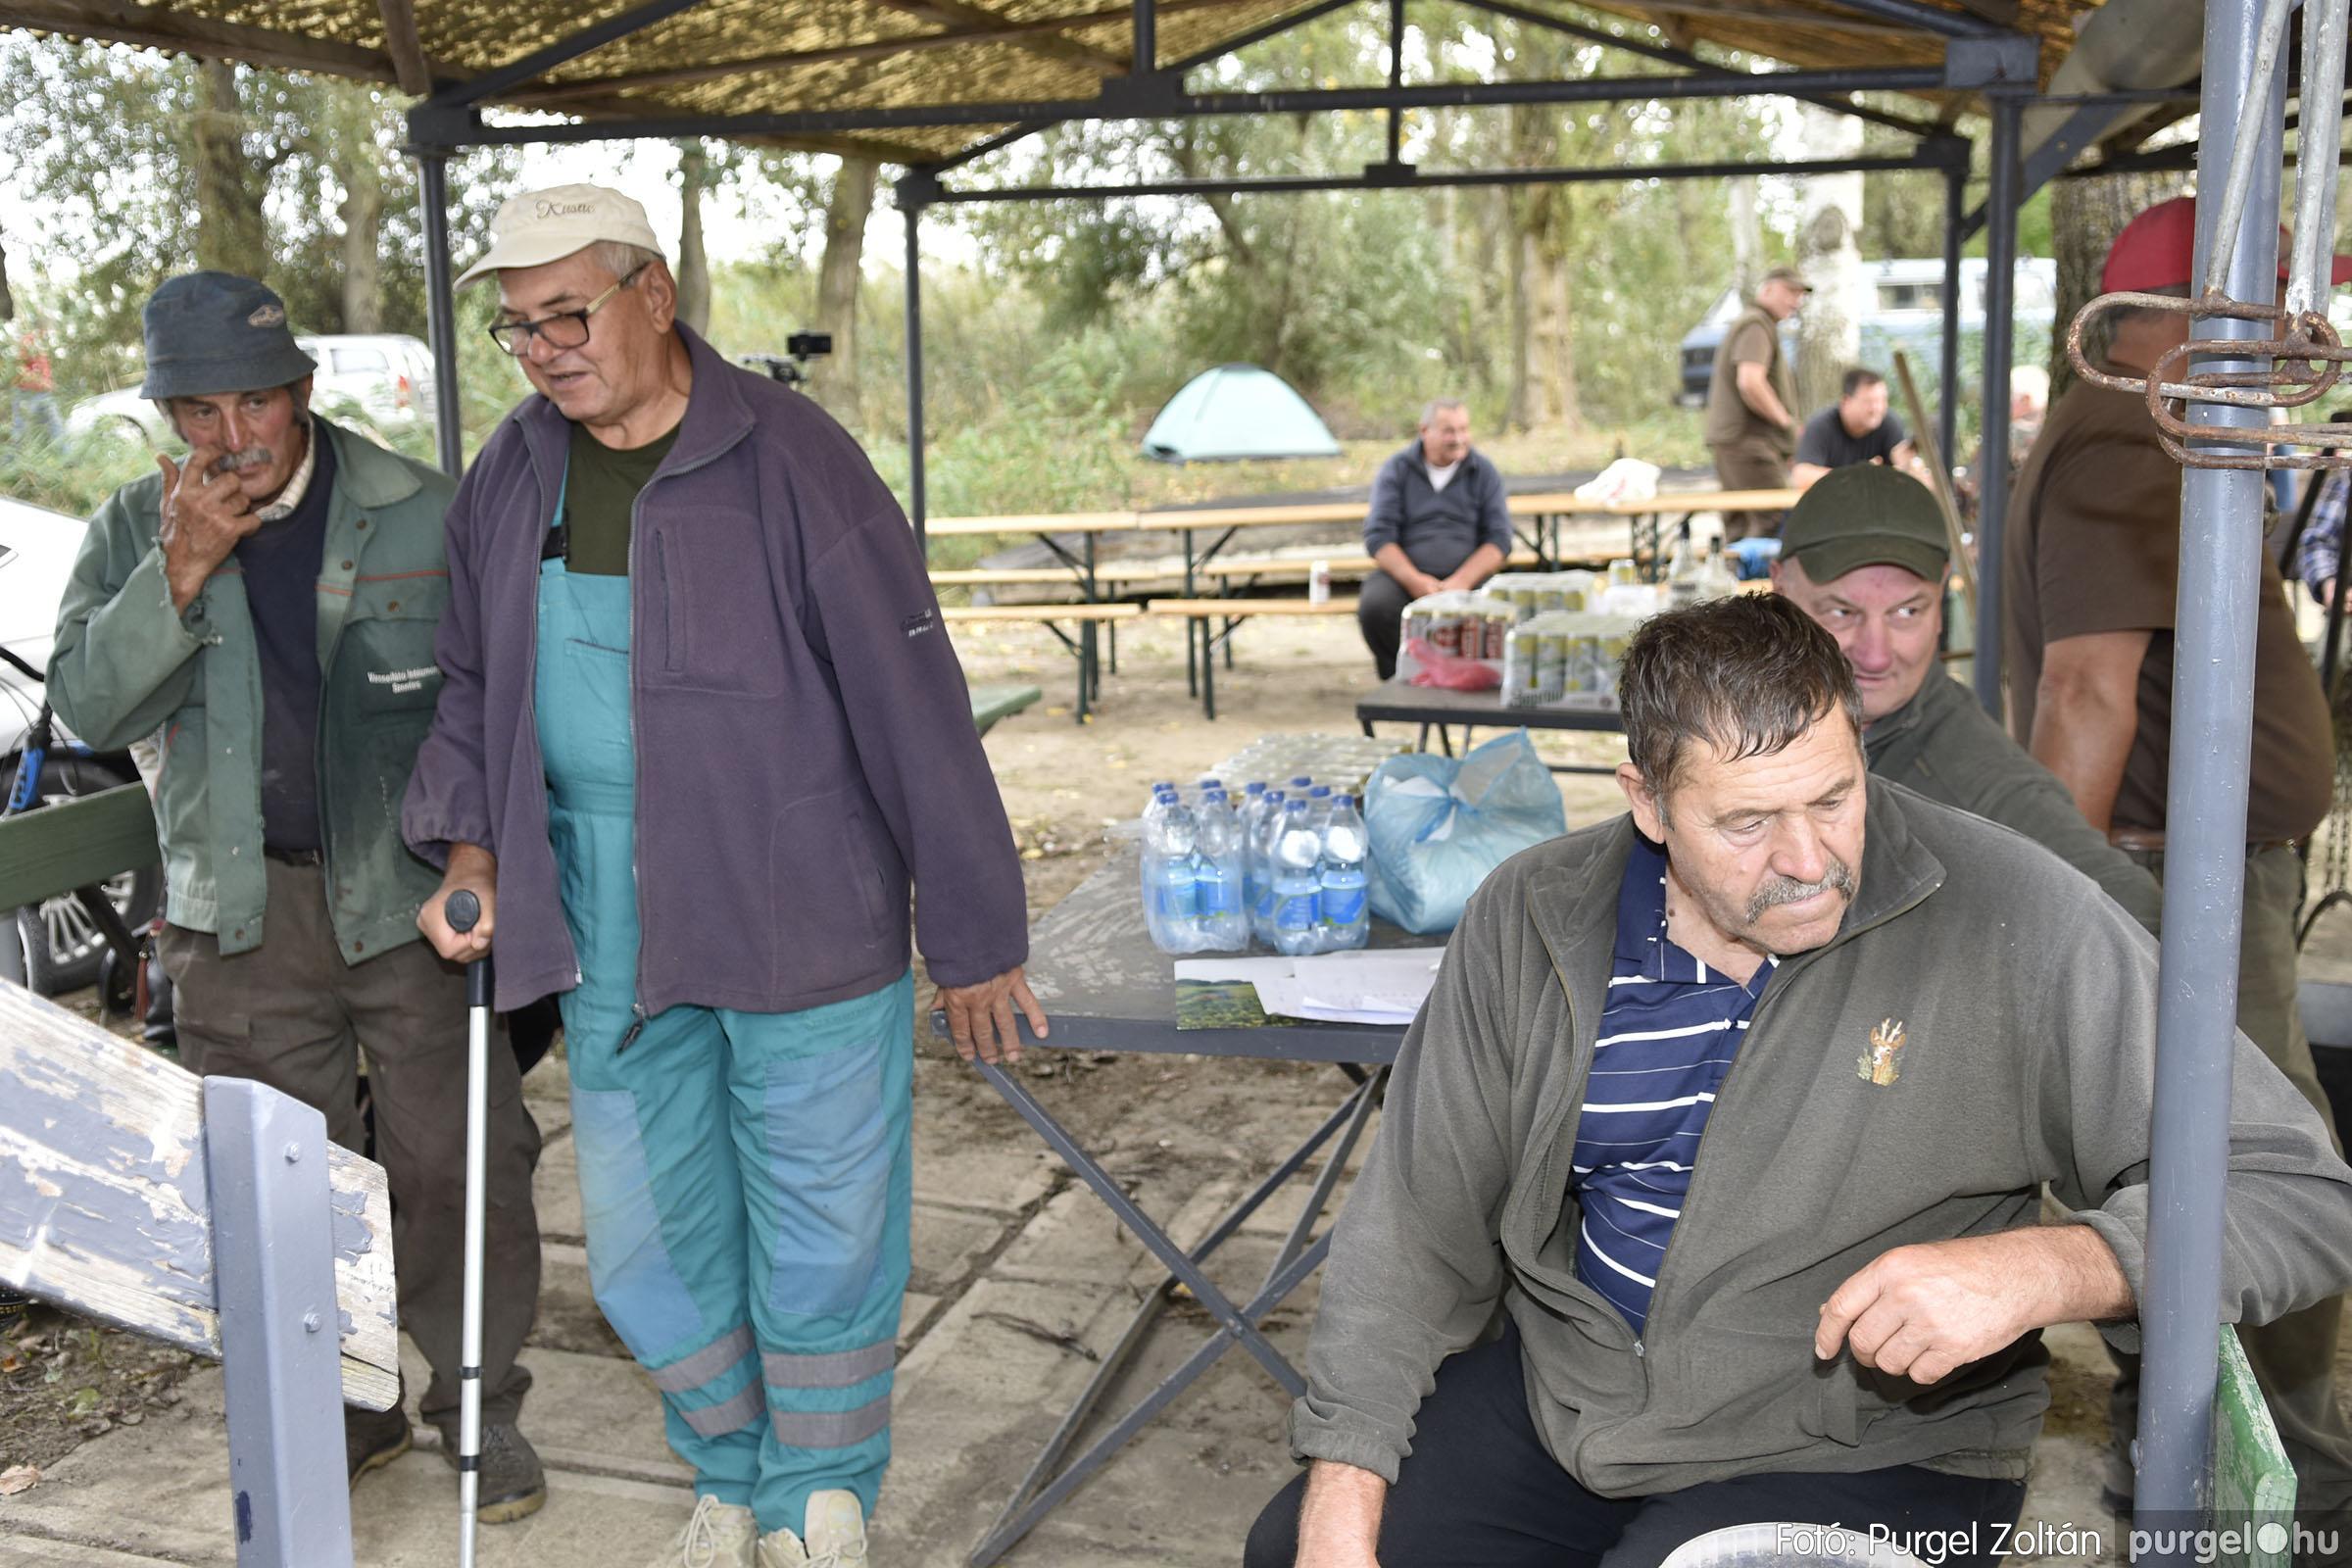 044 2020.10.03. Horgászverseny a Lándoron - Fotó: Purgel Zoltán© _DSC2967q.jpg